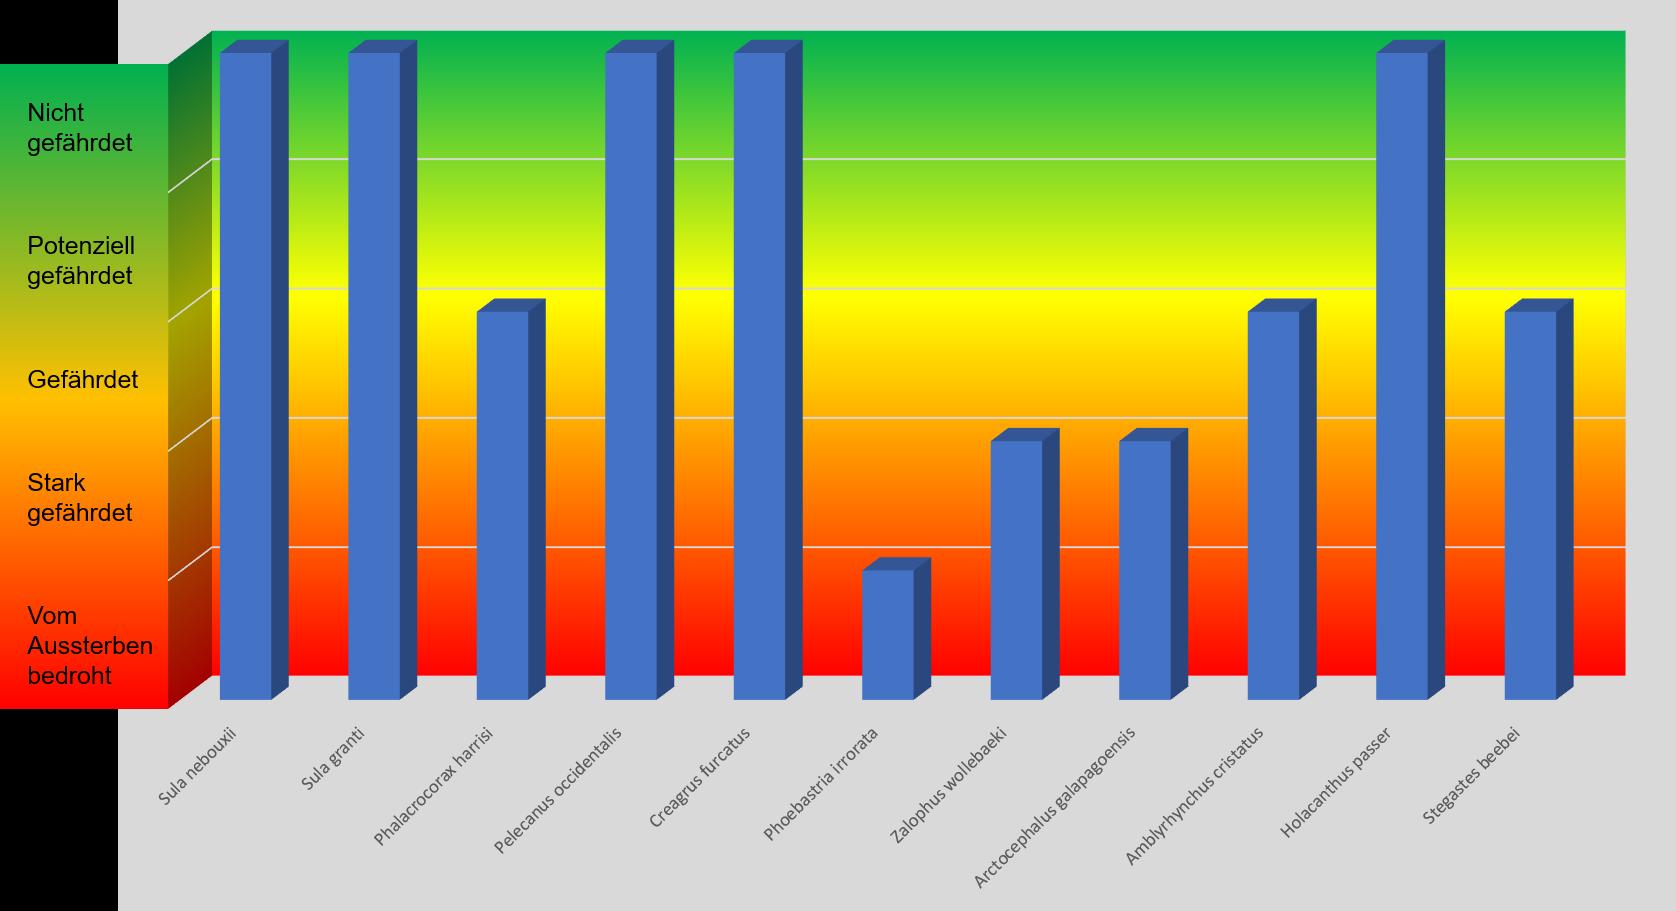 Schematische Darstellung des offiziellen IUCN Gefährdungsstatus von 11 beschriebenen Tierarten